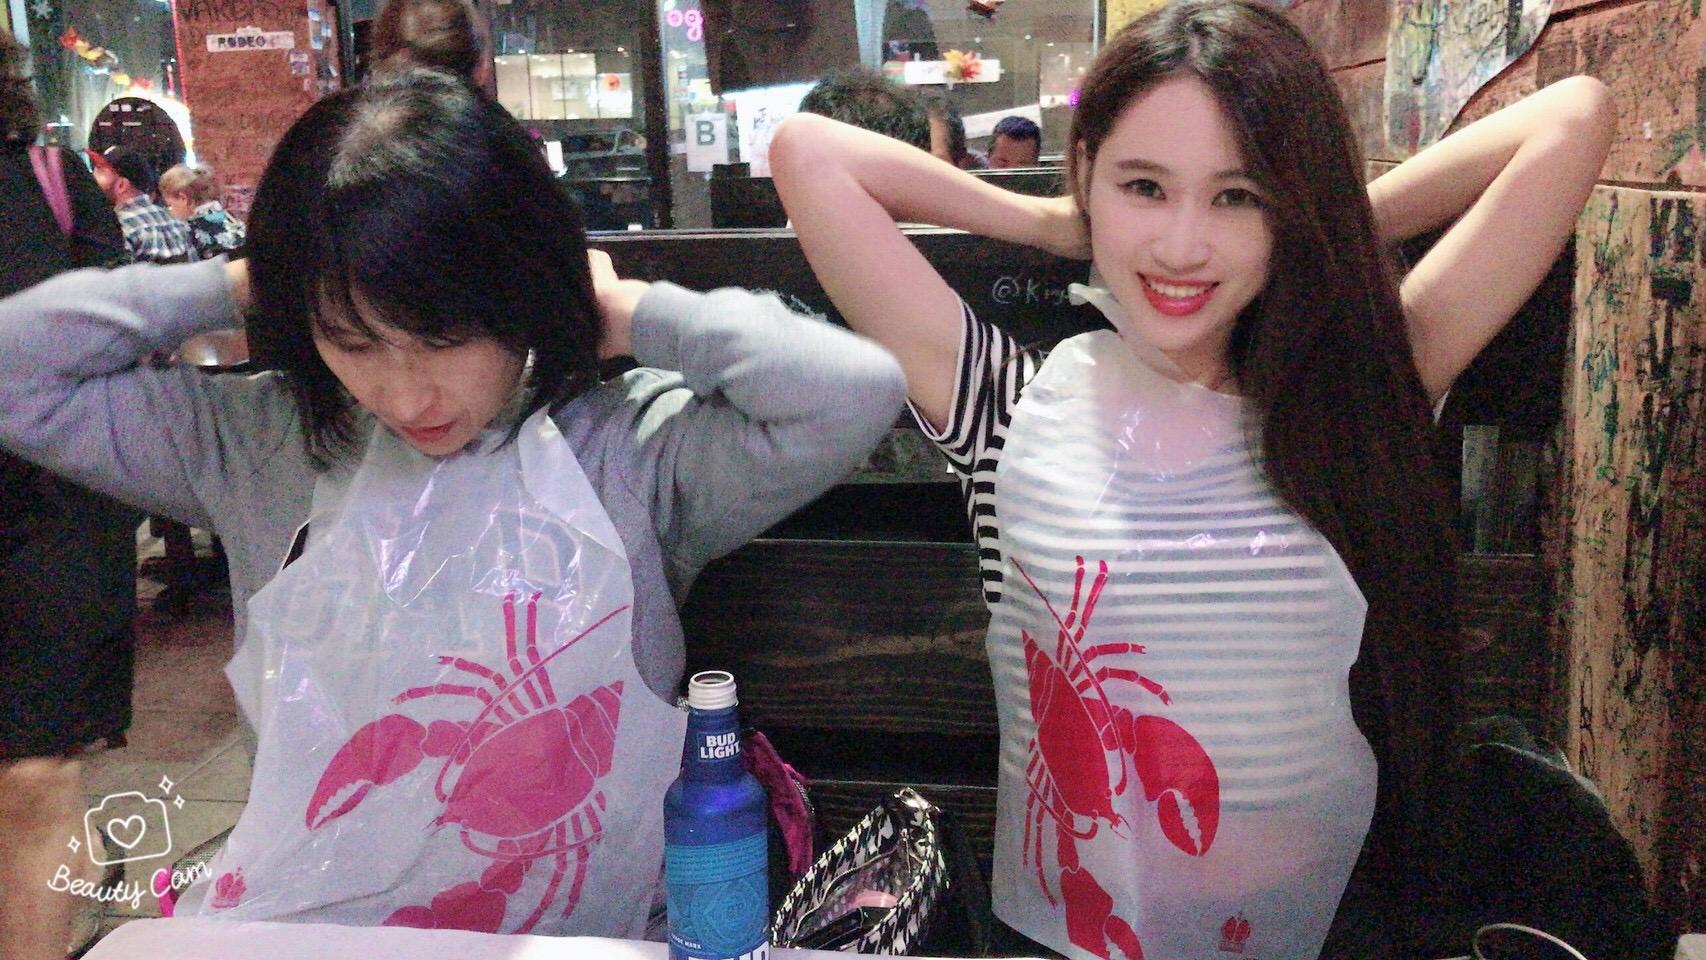 美國旅遊-洛杉磯必吃美食 美式手抓海鮮餐廳Michael's cajun seafood